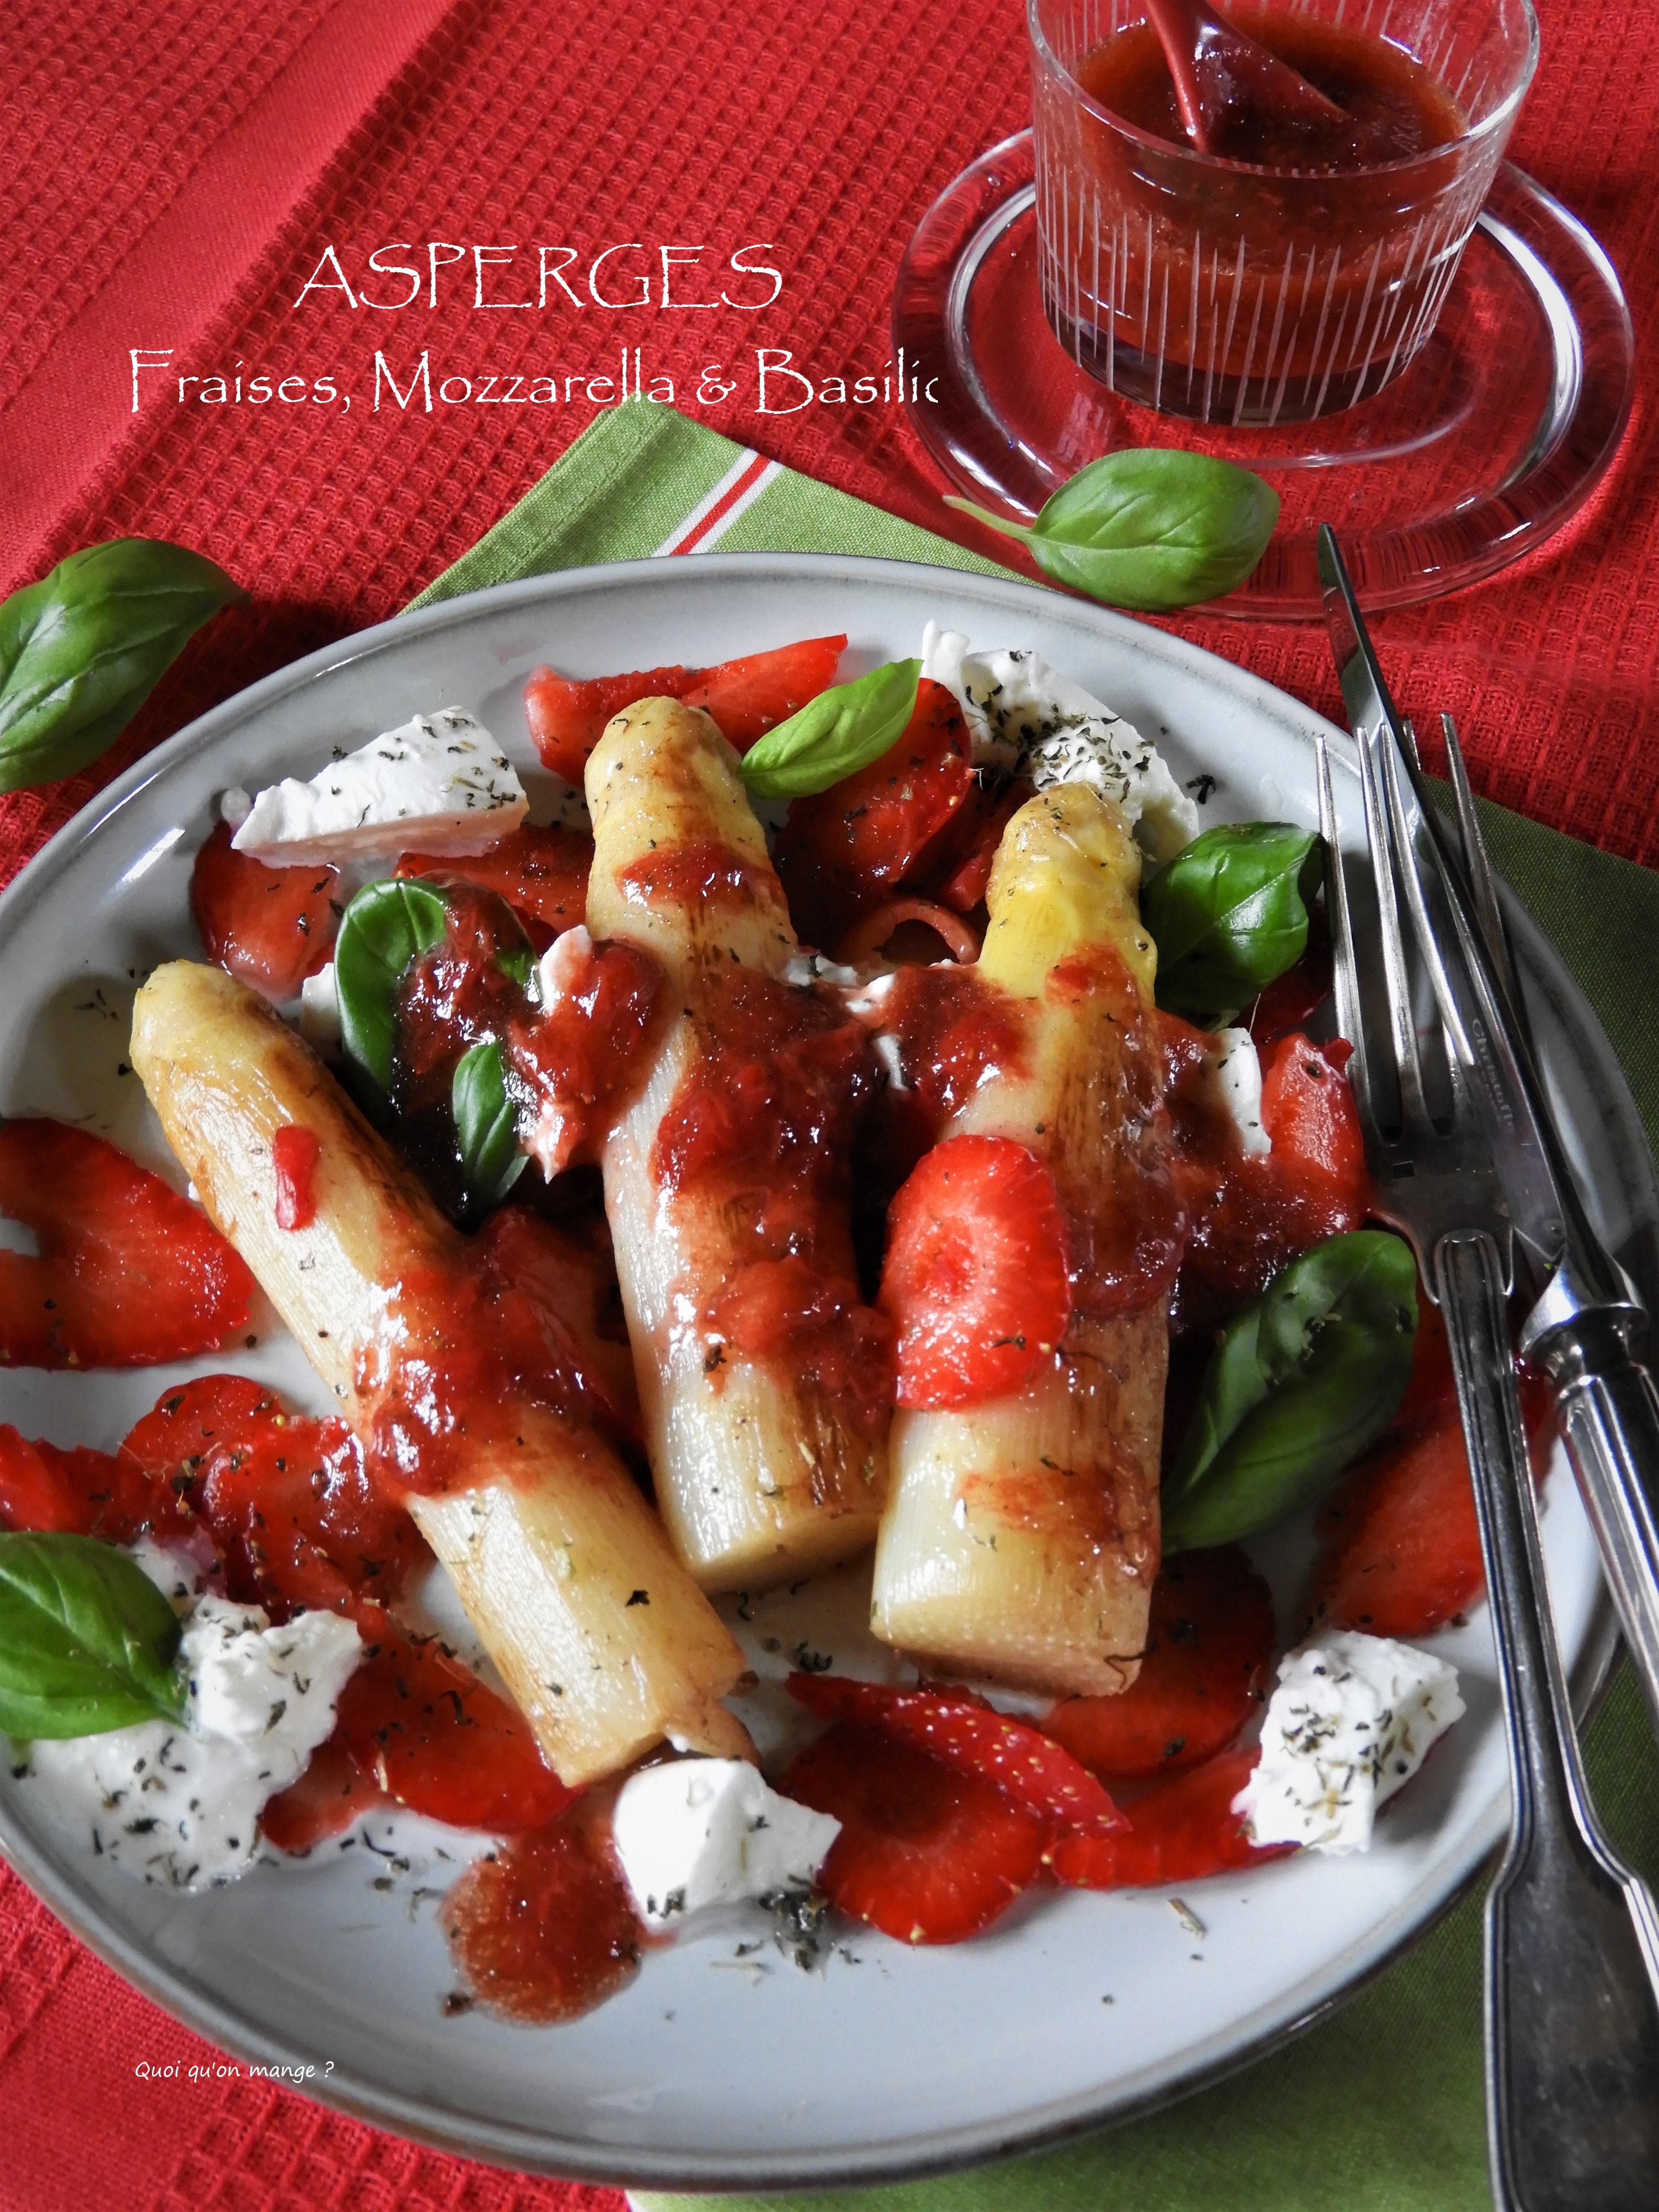 Asperges aux fraises, mozzarella et basilic